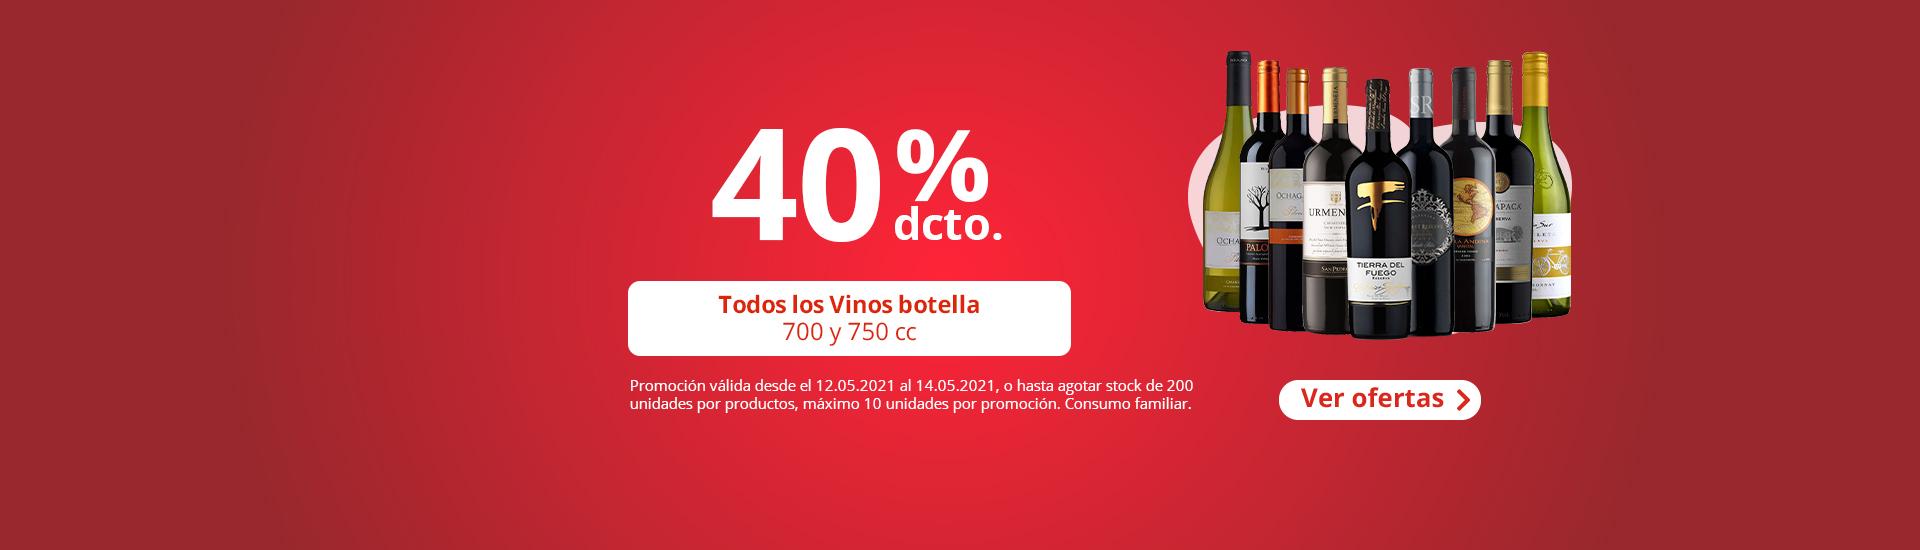 Vinos 40%